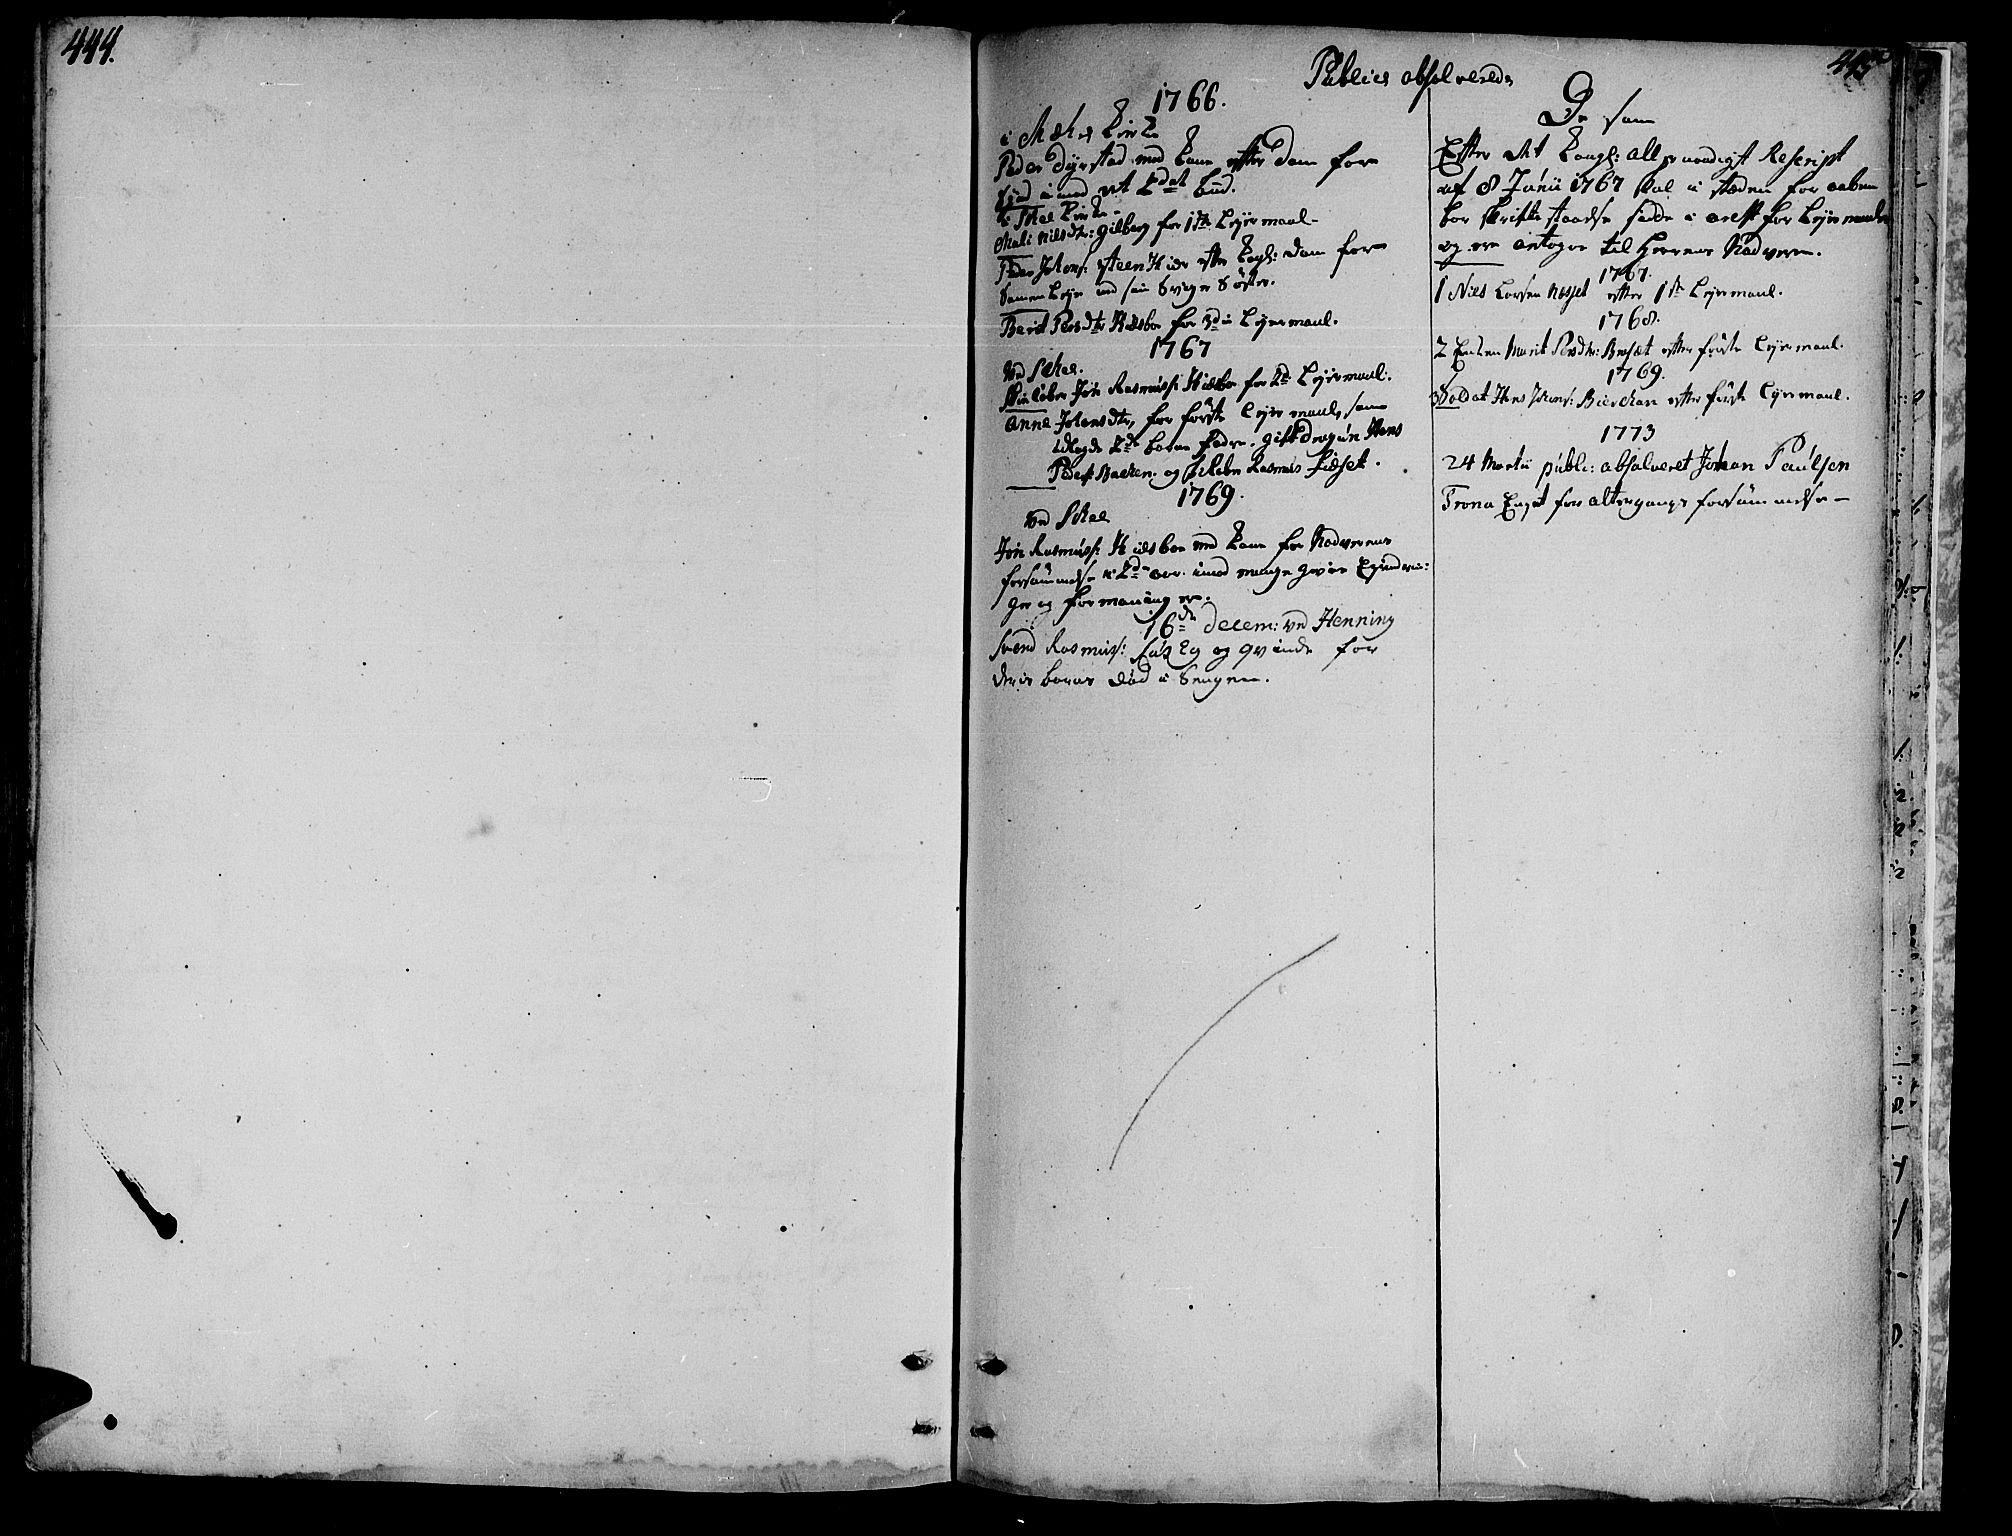 SAT, Ministerialprotokoller, klokkerbøker og fødselsregistre - Nord-Trøndelag, 735/L0331: Parish register (official) no. 735A02, 1762-1794, p. 444-445